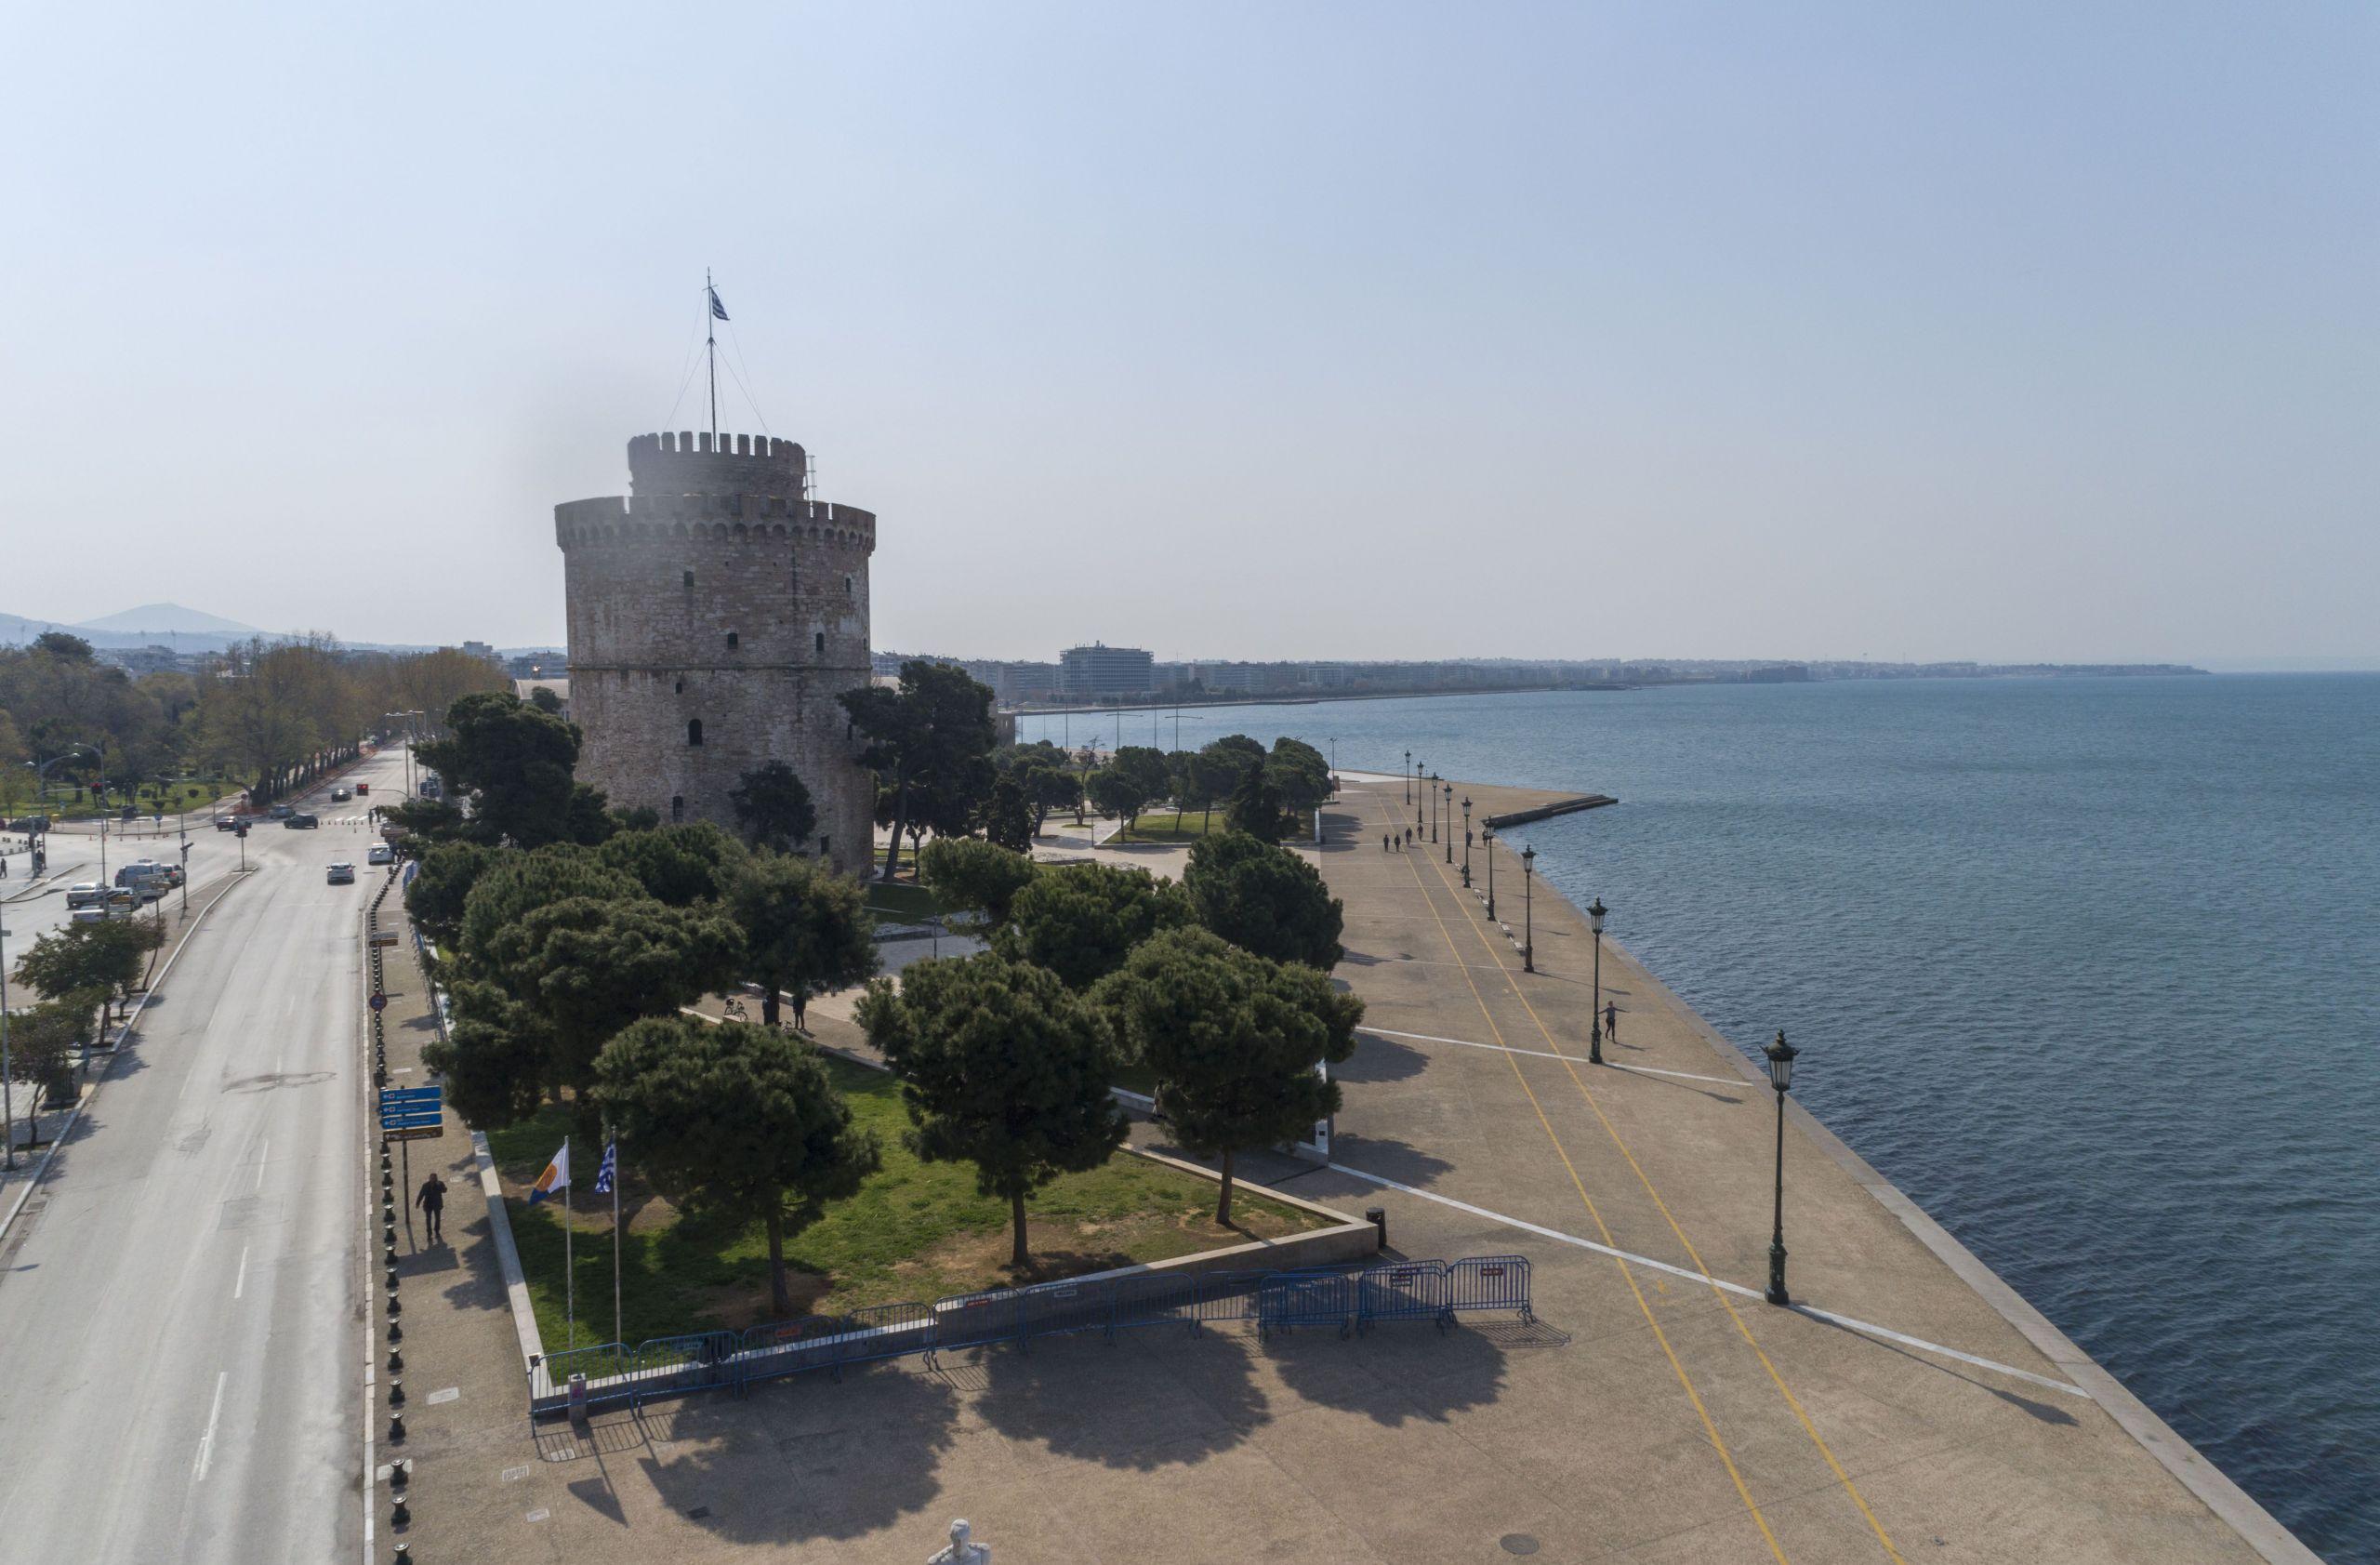 Μεταλλάξεις κορωνοϊού: Εικόνες από την άδεια Θεσσαλονίκη